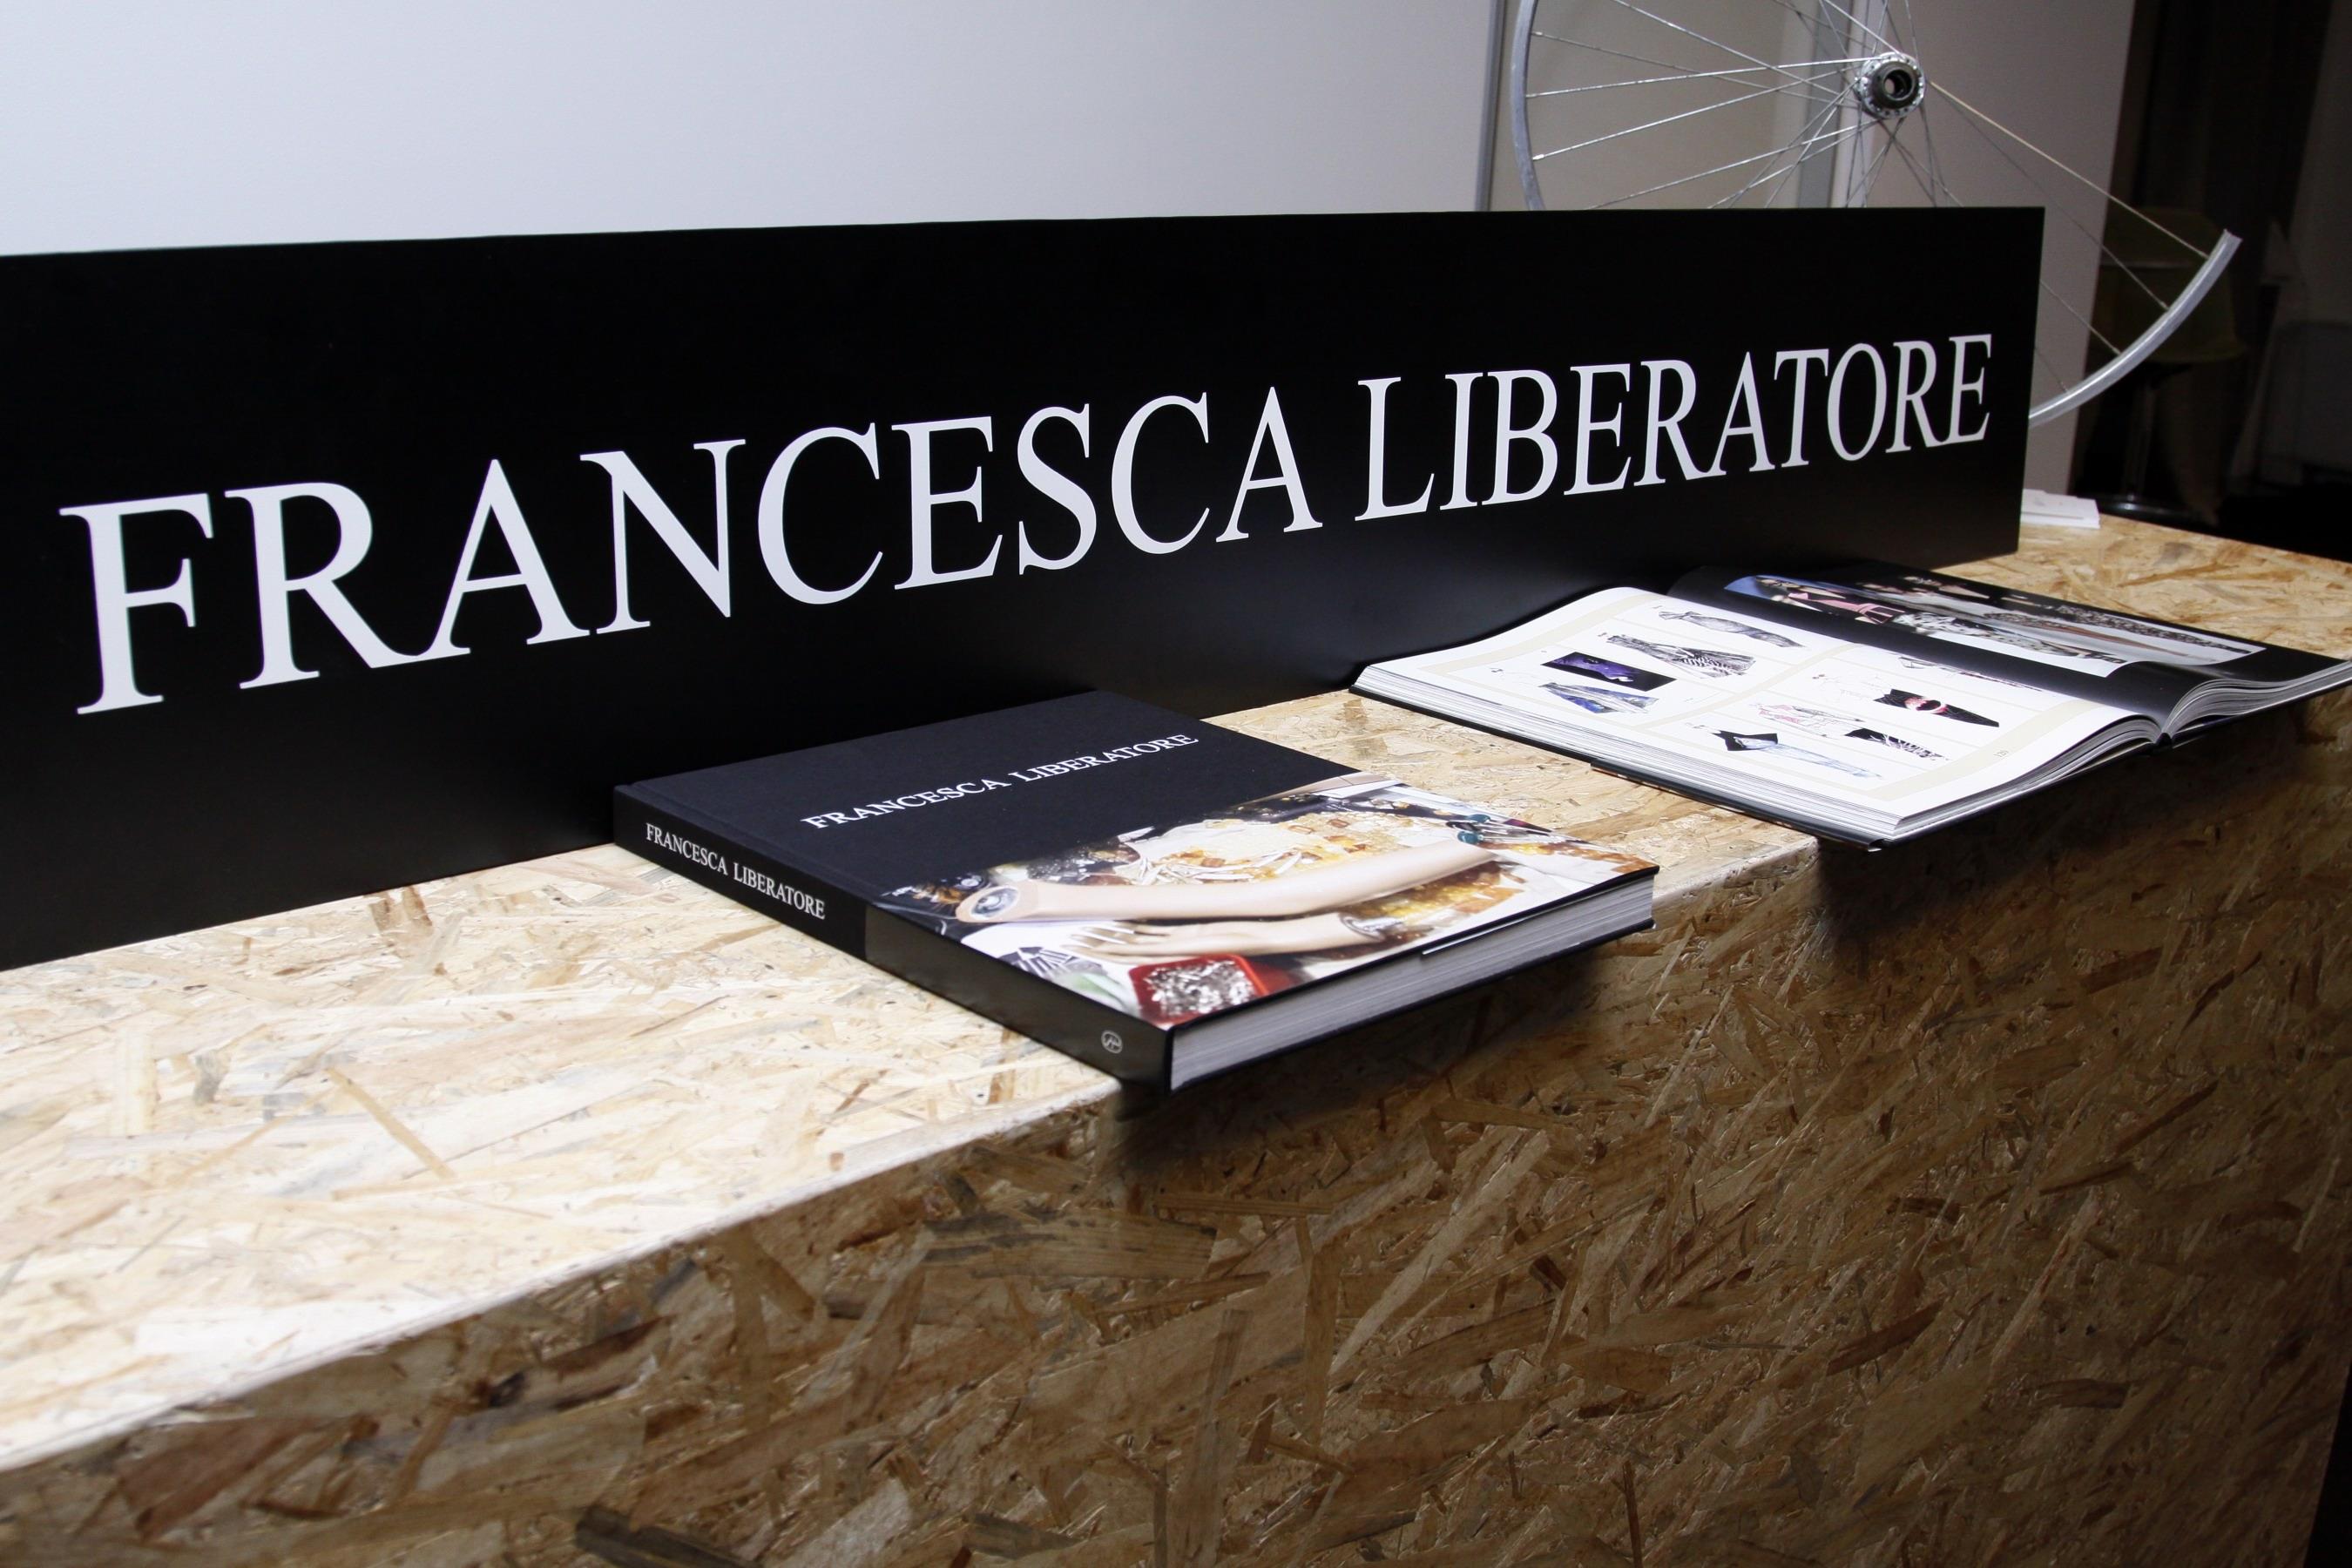 Francesca-Liberatore